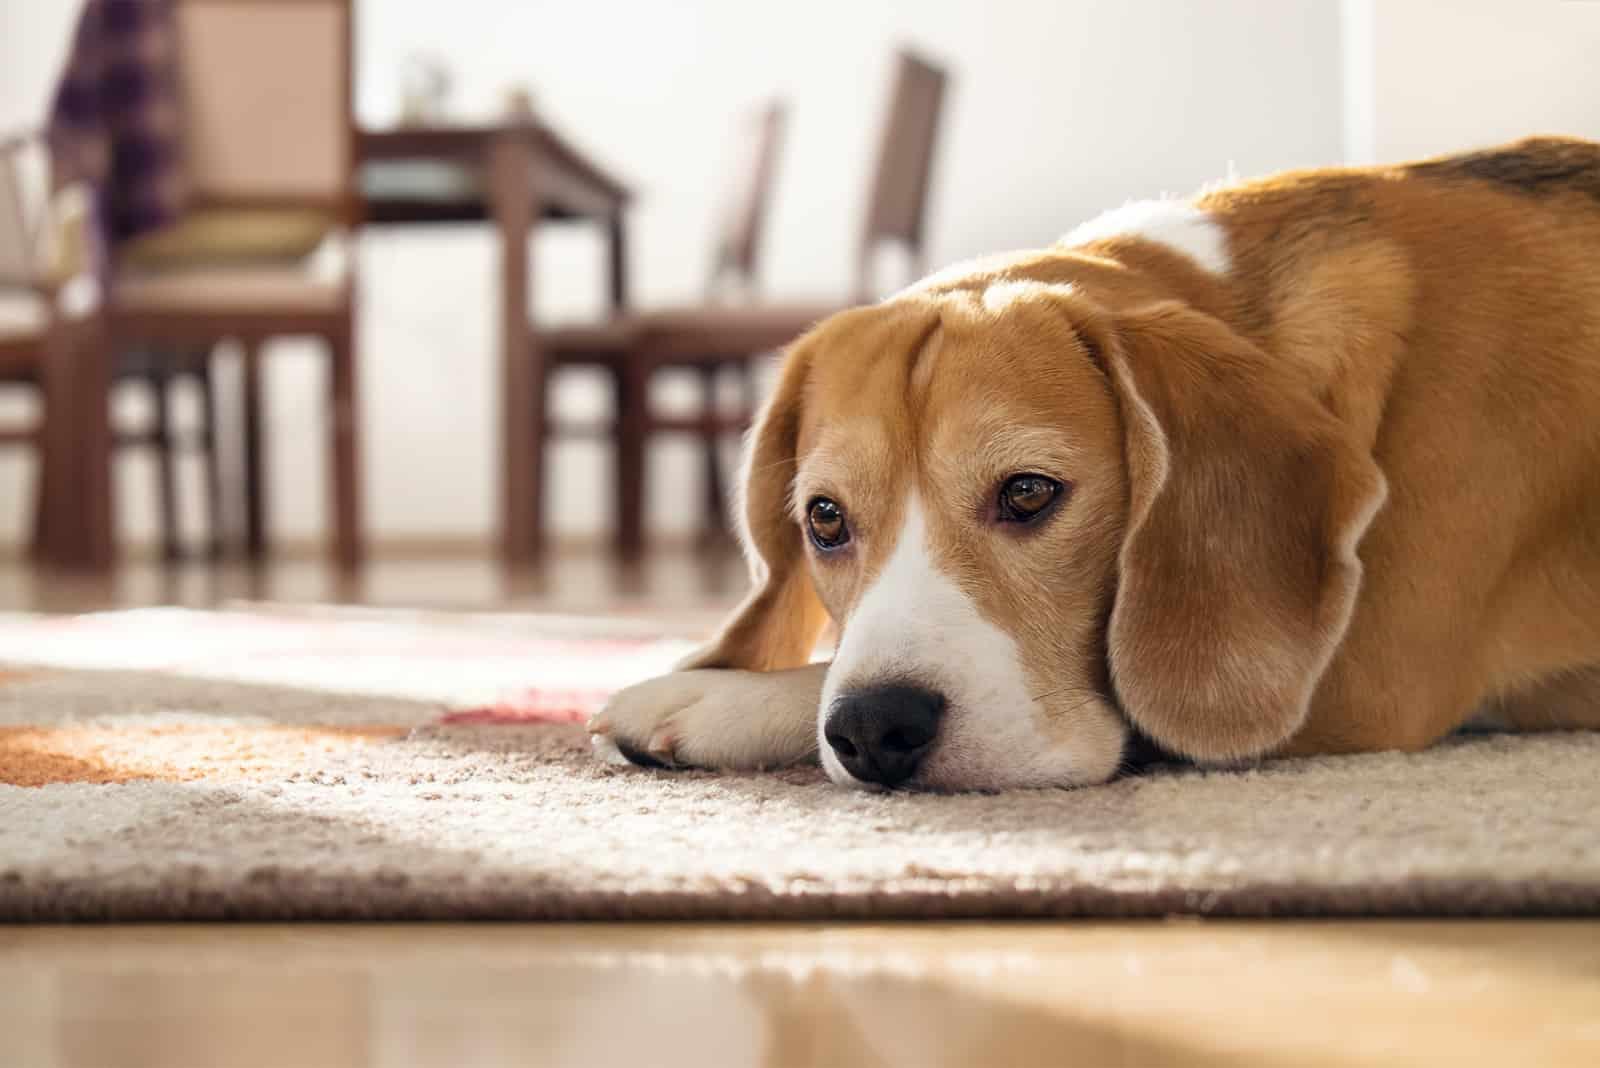 Beagle-Hund, der auf Teppich in gemütlichem Haus liegt